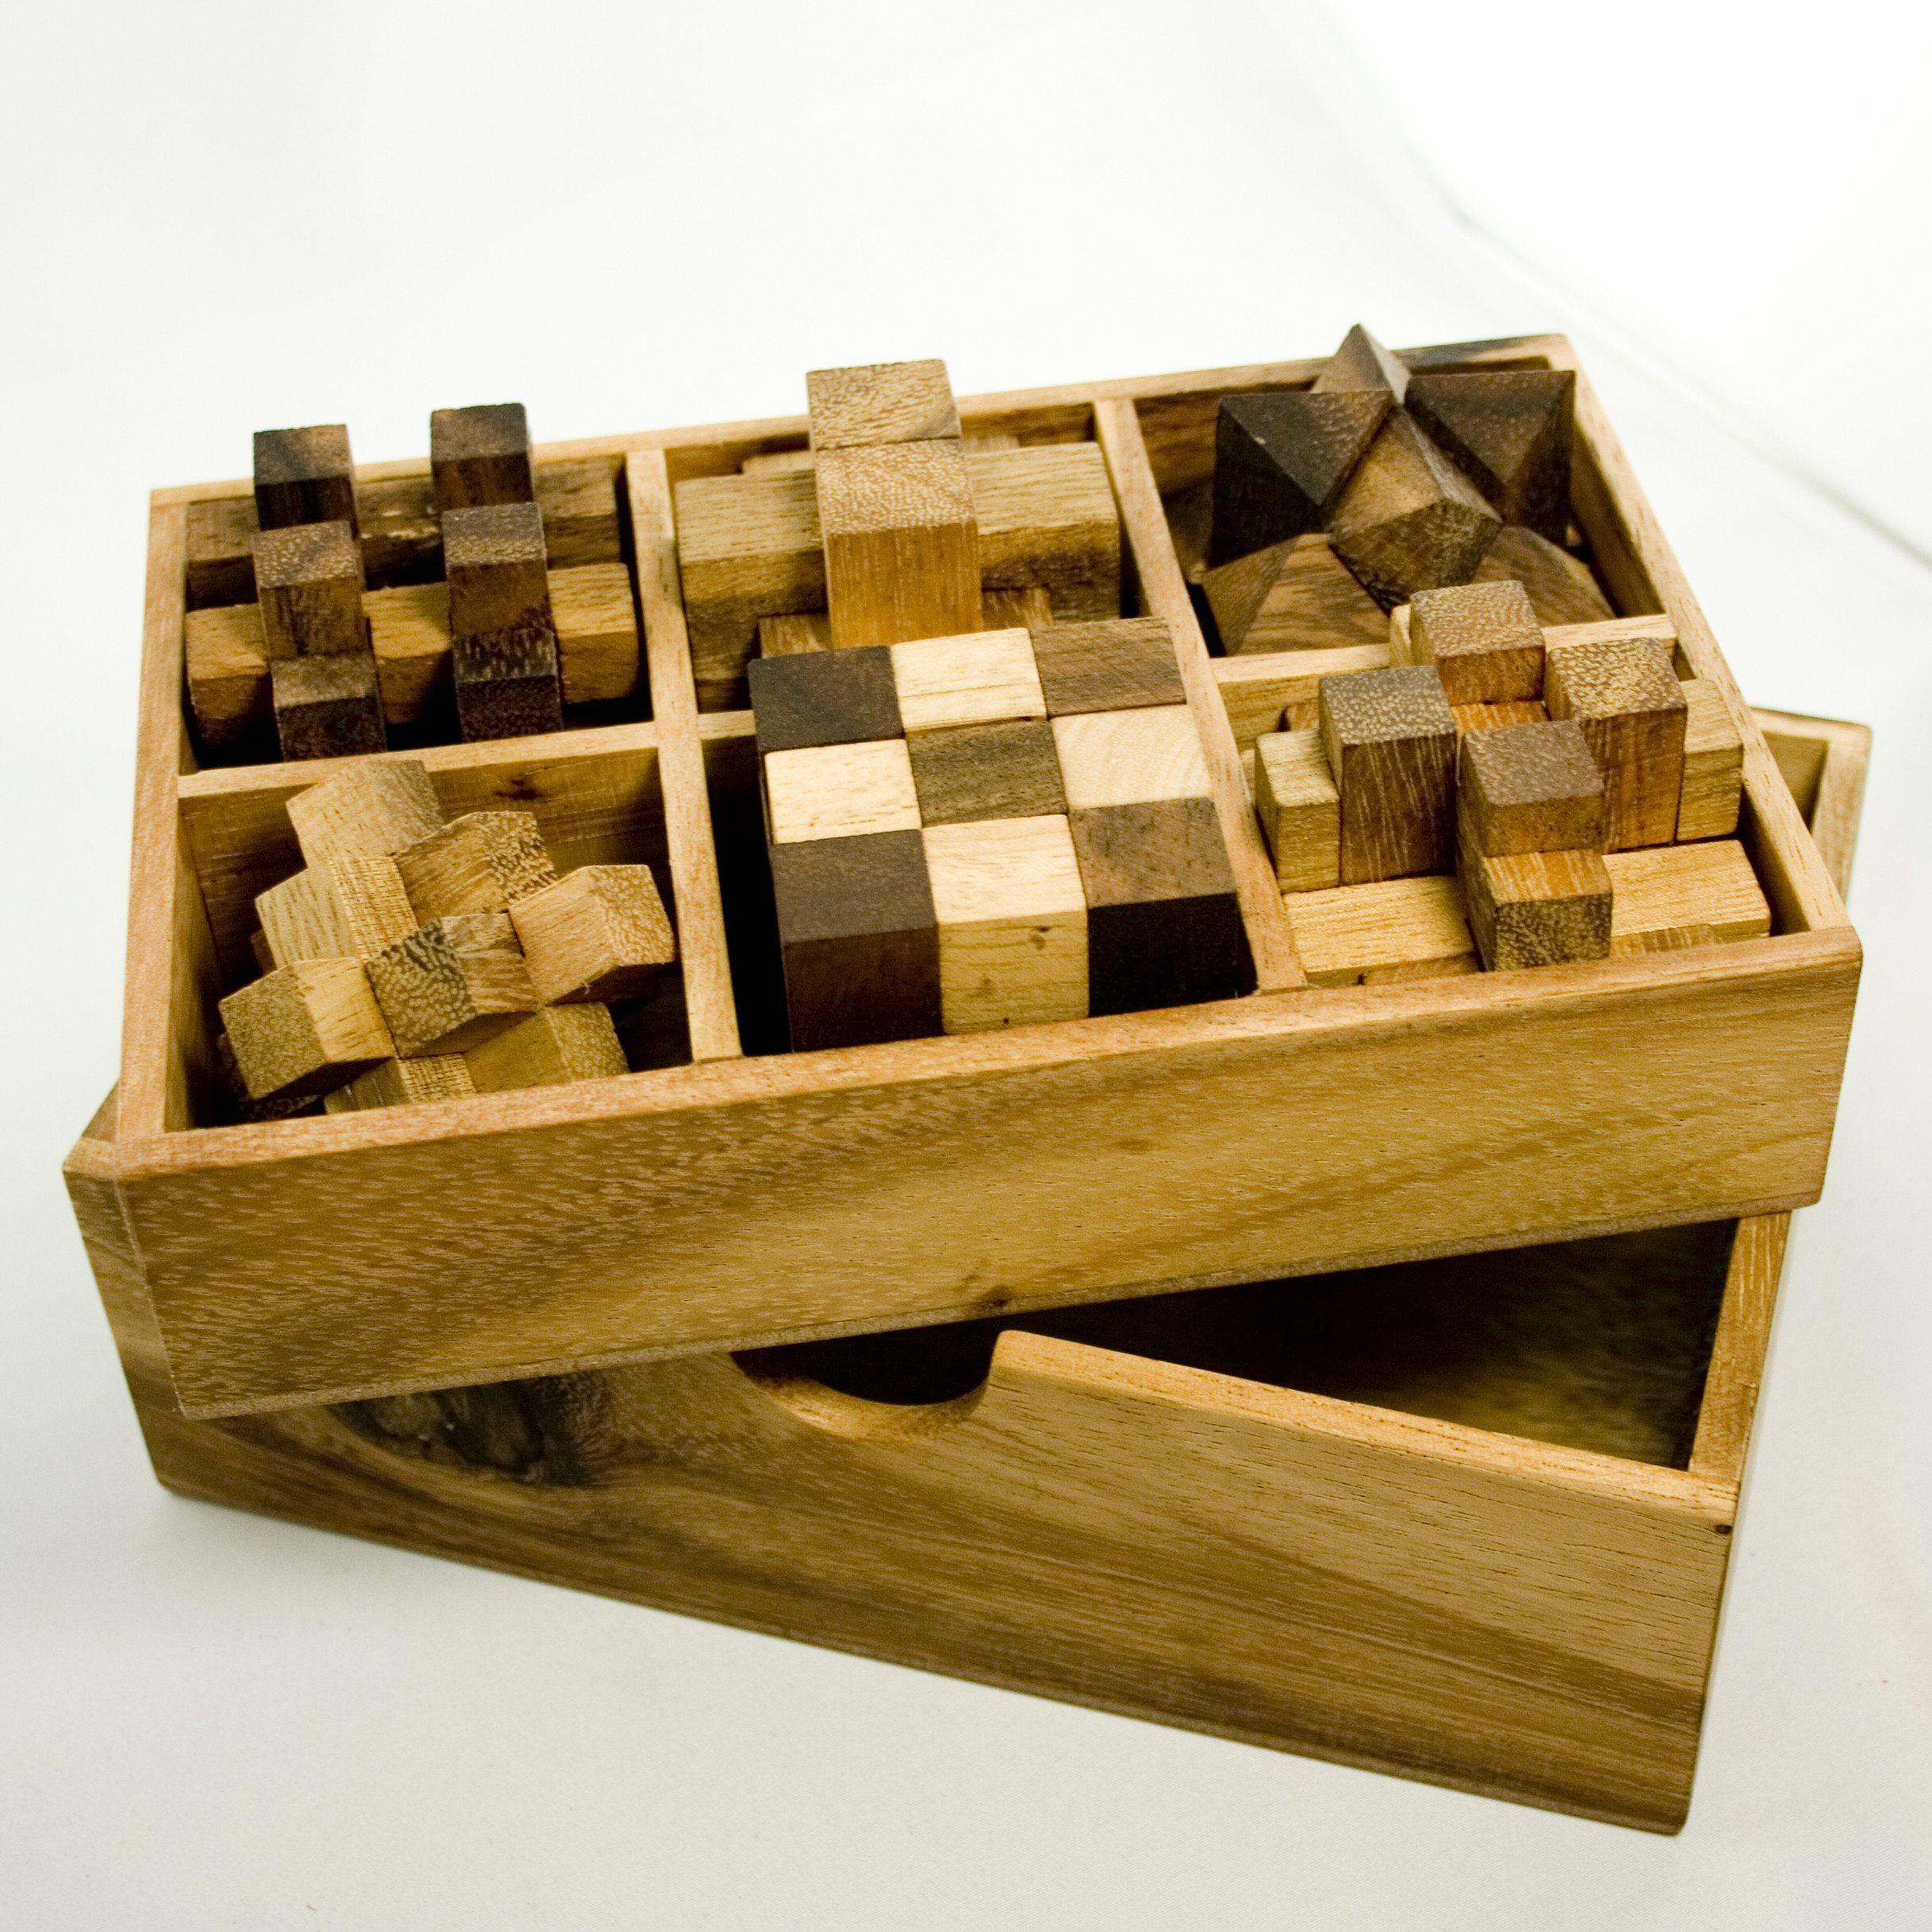 IQ Master Knobelspiele Set in edler Holzbox - Nahansicht